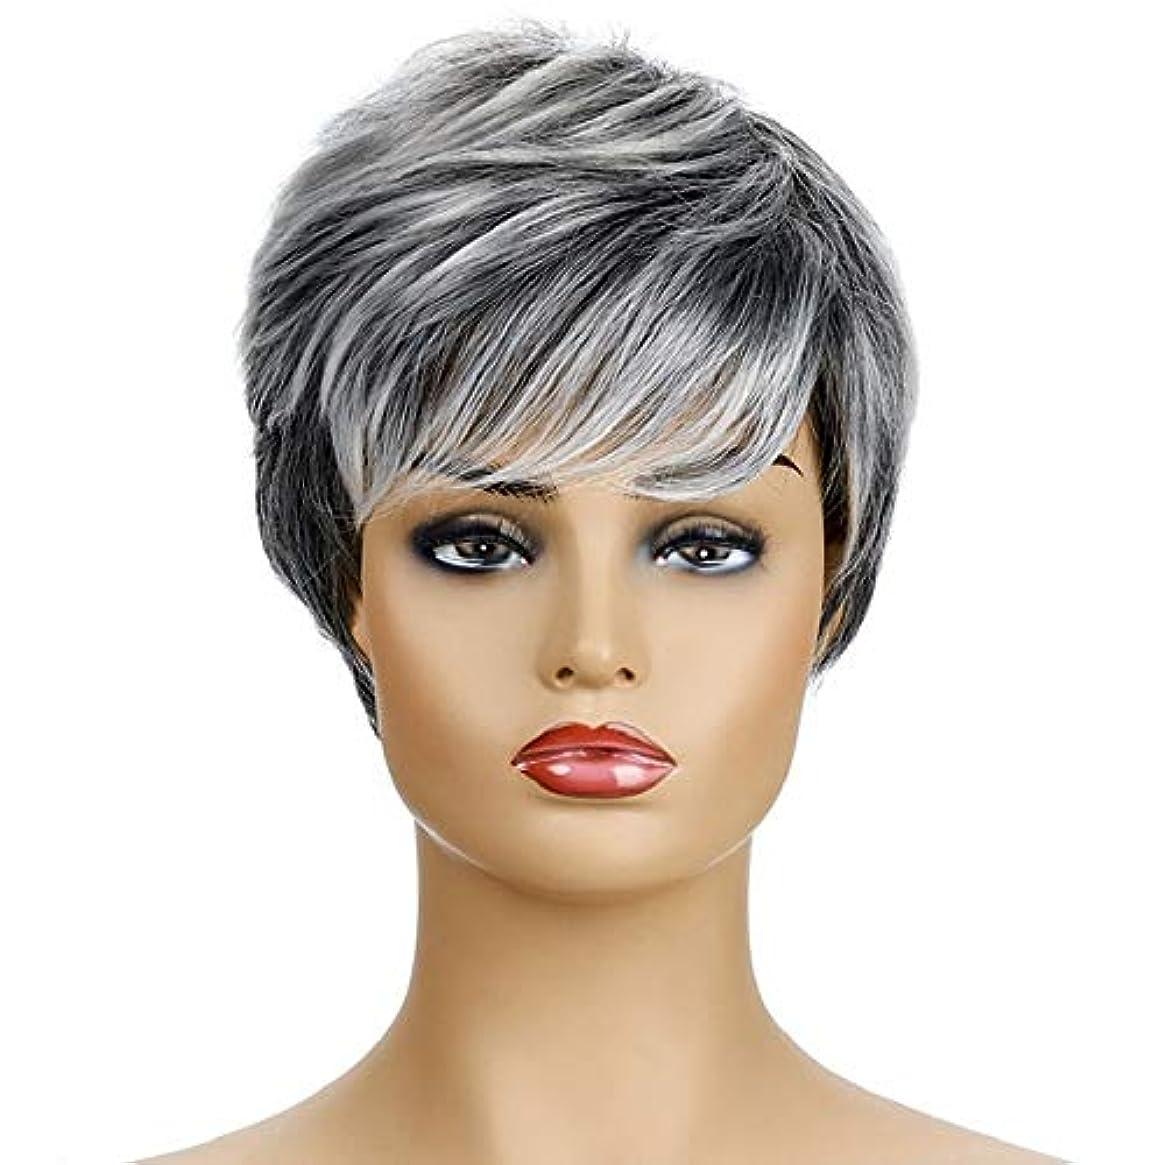 フォローコンパイルモノグラフ女性の短い巻き毛のかつら10インチ自然髪かつら前髪合成完全な髪のかつら女性と女の子ハロウィンコスプレパーティーかつら、混合色